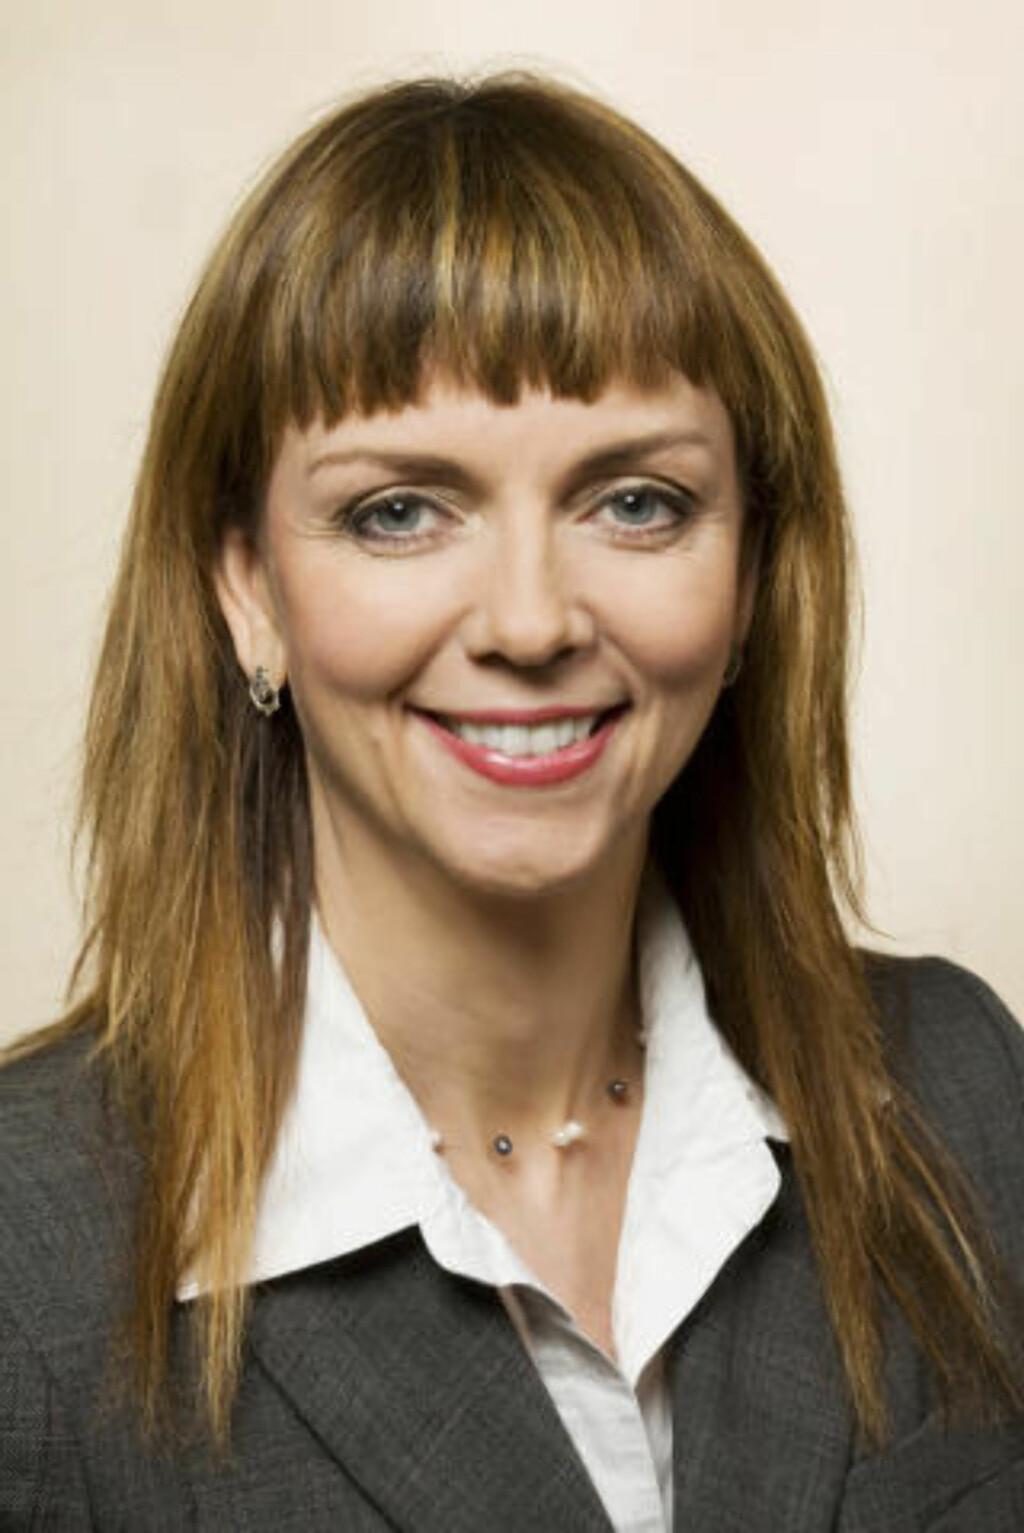 - UAKTUELT: Vi ønsker ikke å bli styrt fra Stortinget i Norge, sier Siv Friðleifsdóttir, som er parlamentariker på Alltinget for islandske Senterpartiet. Foto: Wikipedia Commons